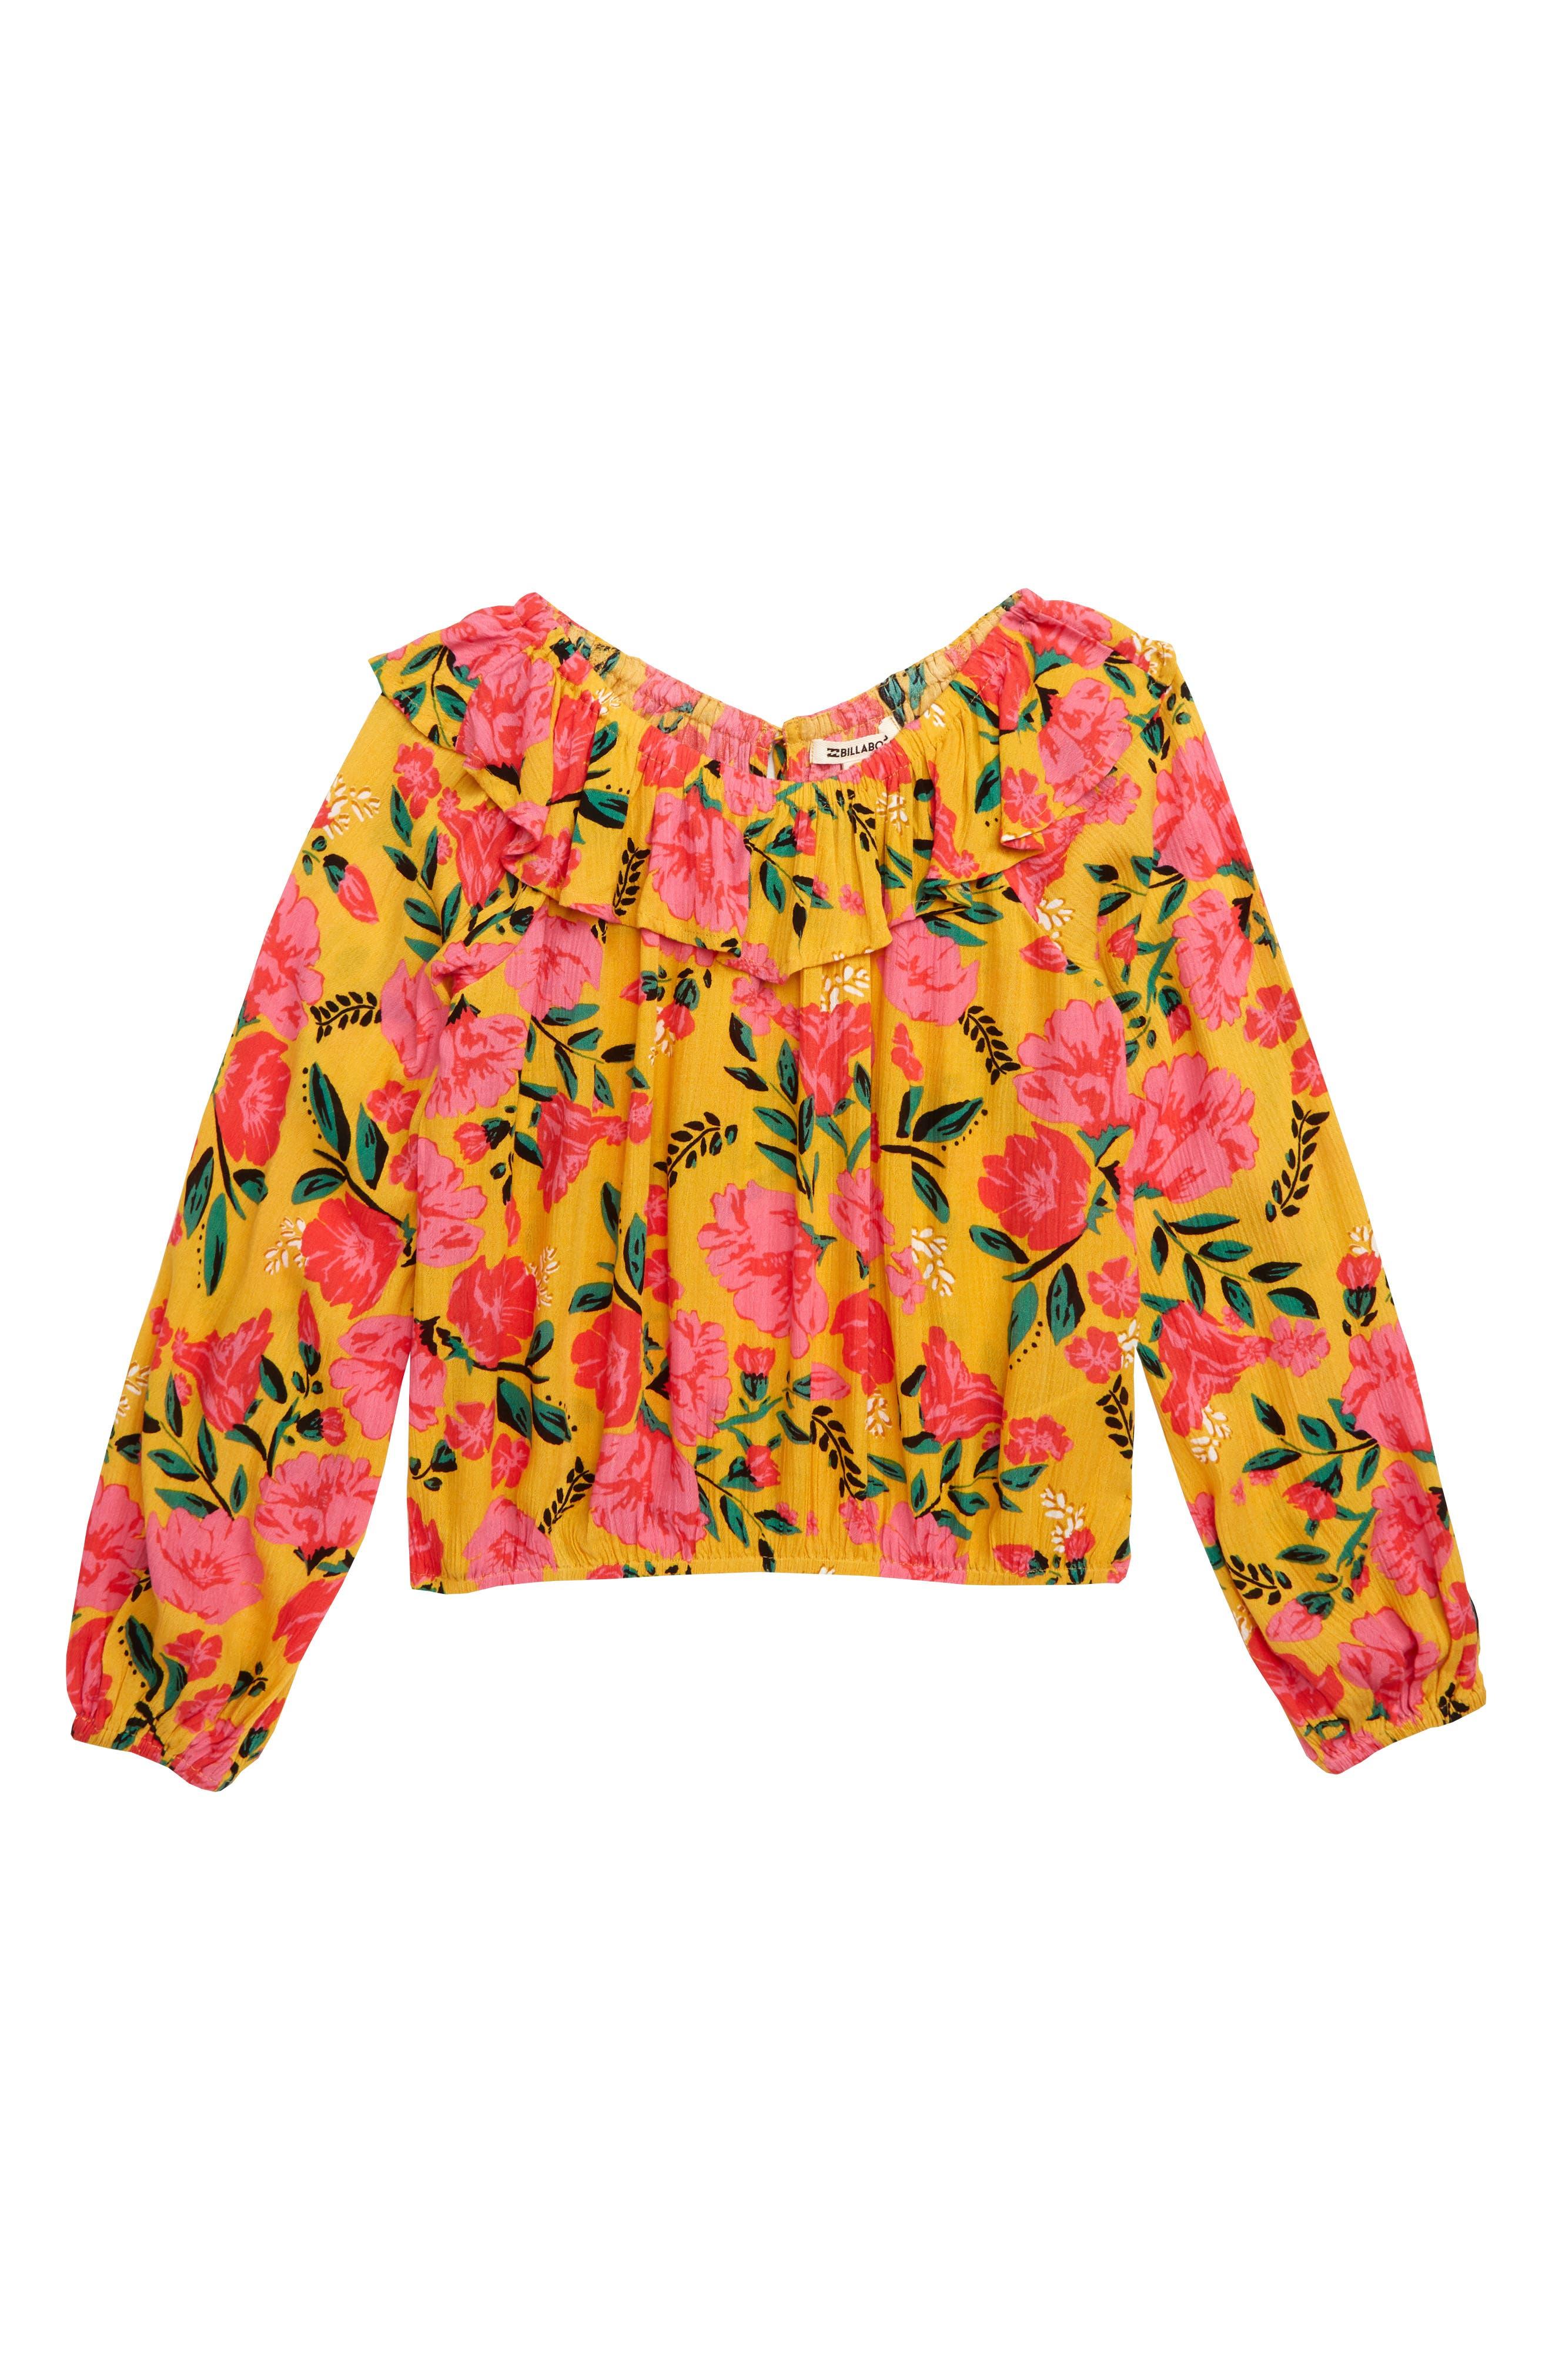 BILLABONG,                             Floral Fields Ruffle Top,                             Main thumbnail 1, color,                             GOLDEN GLOW